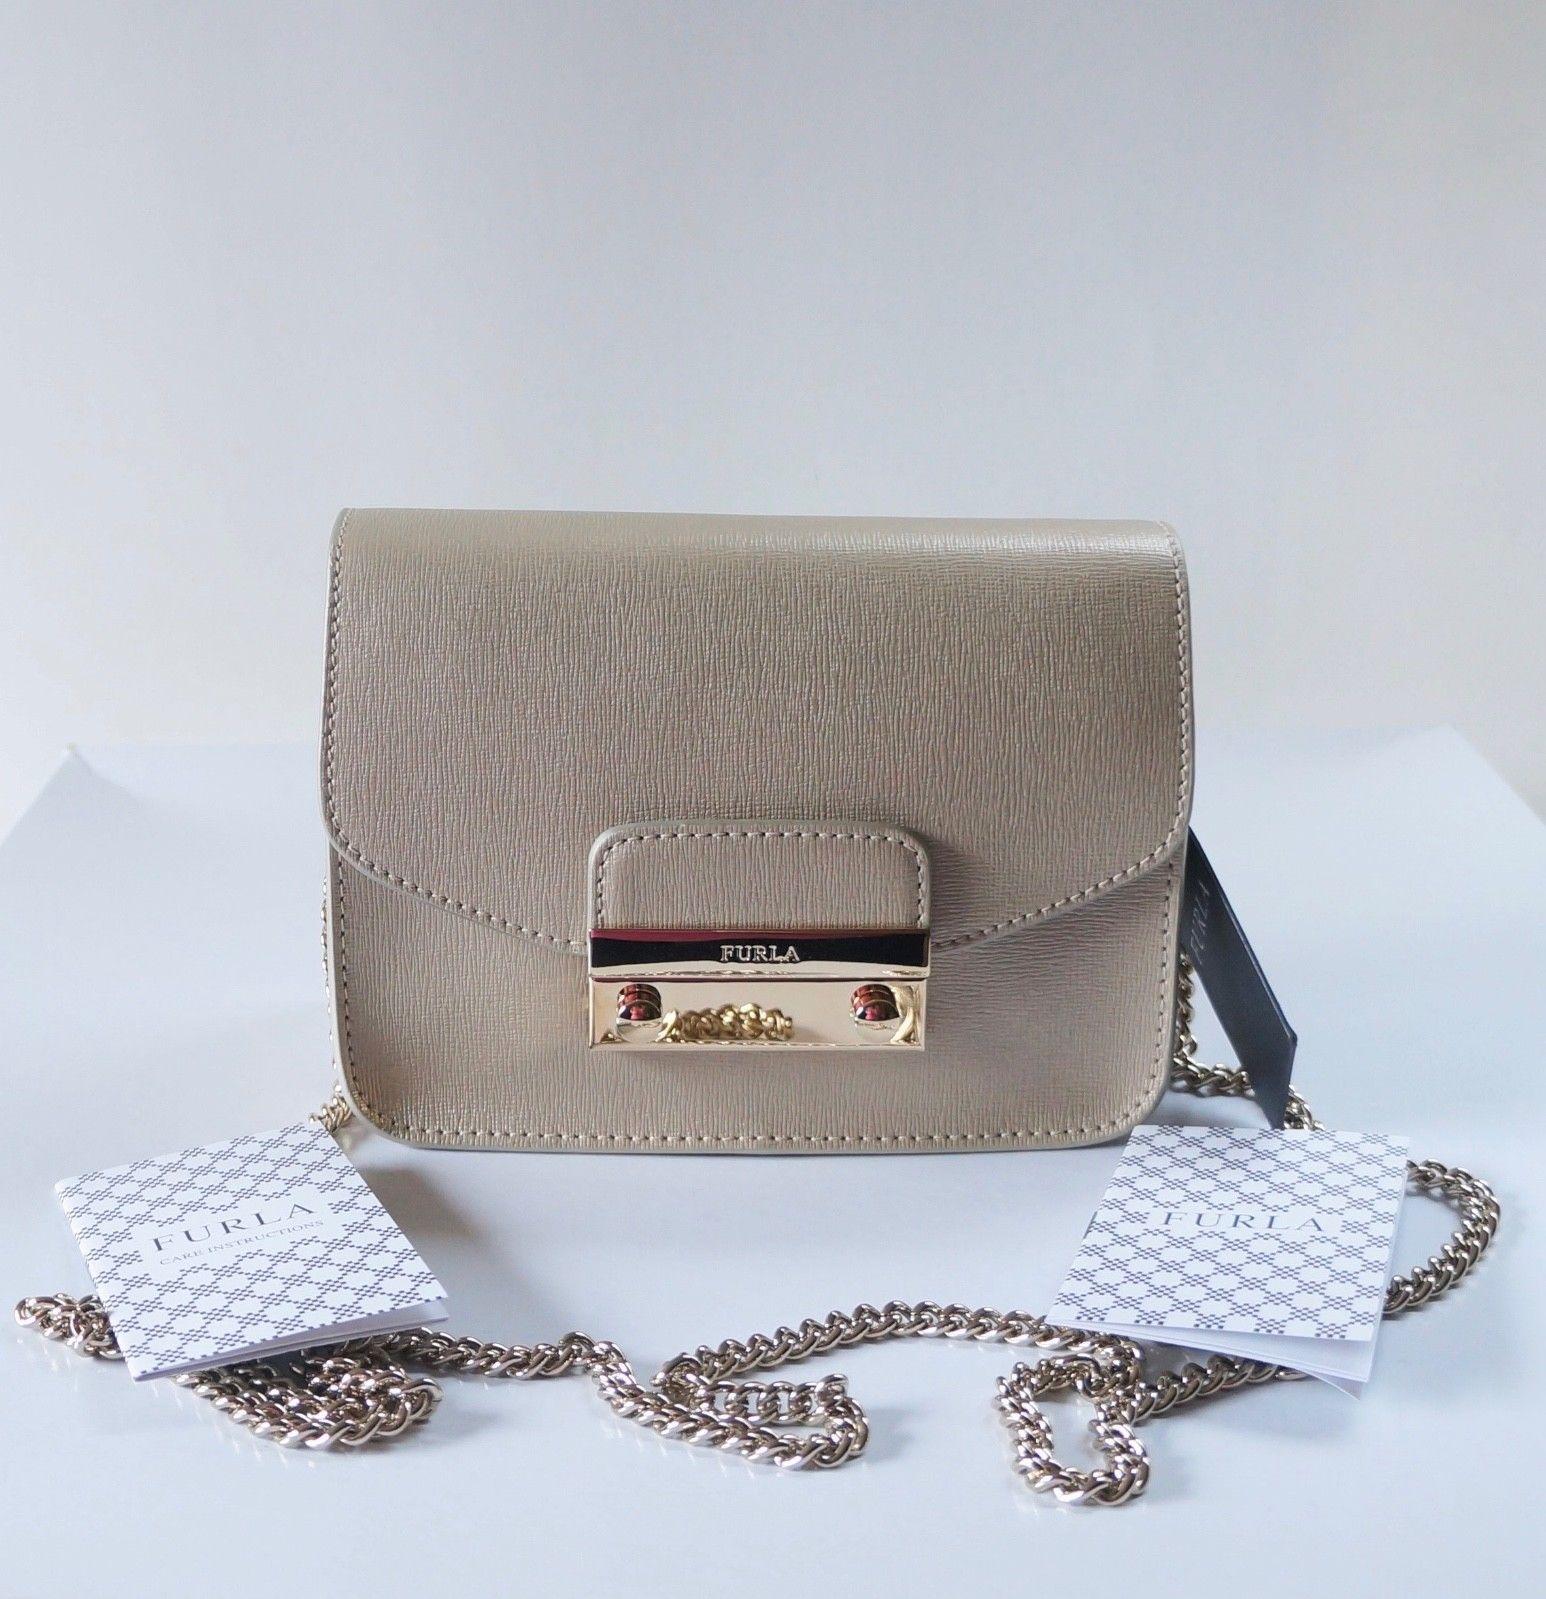 b8388ecfd7d88 Nwt Furla Saffiano Leather Julia Mini and 50 similar items